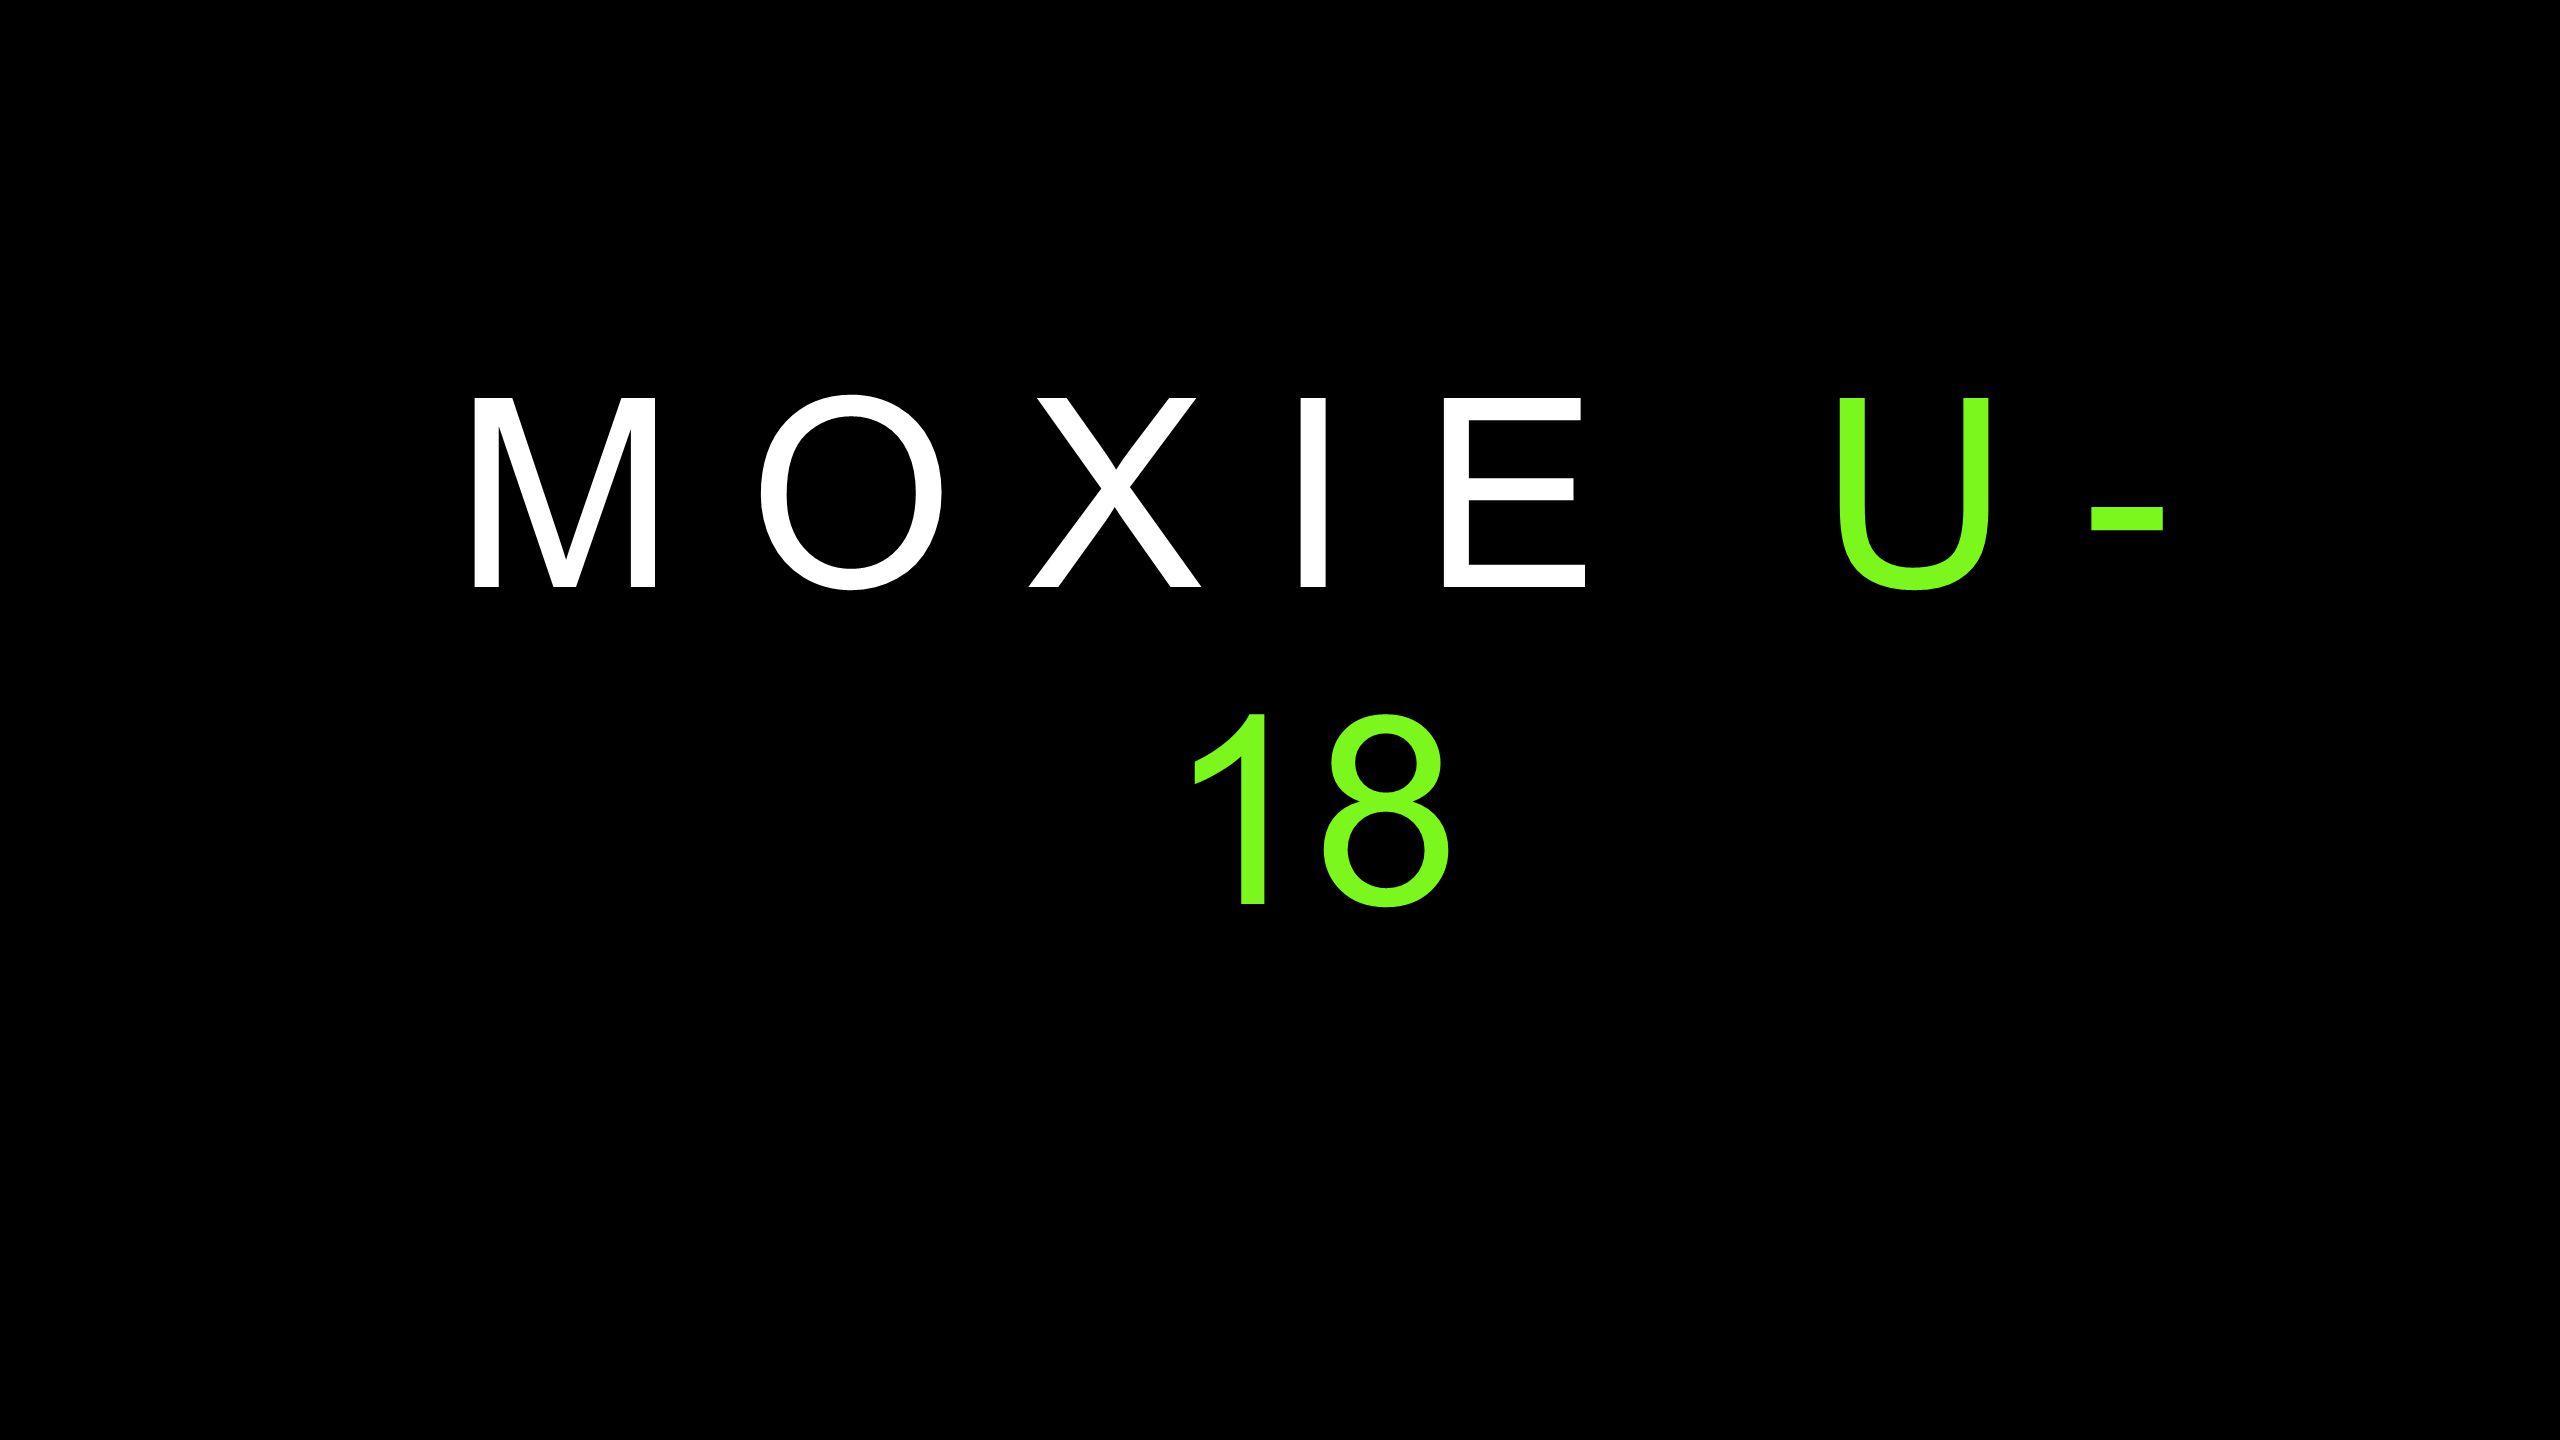 M O X I E U - 18